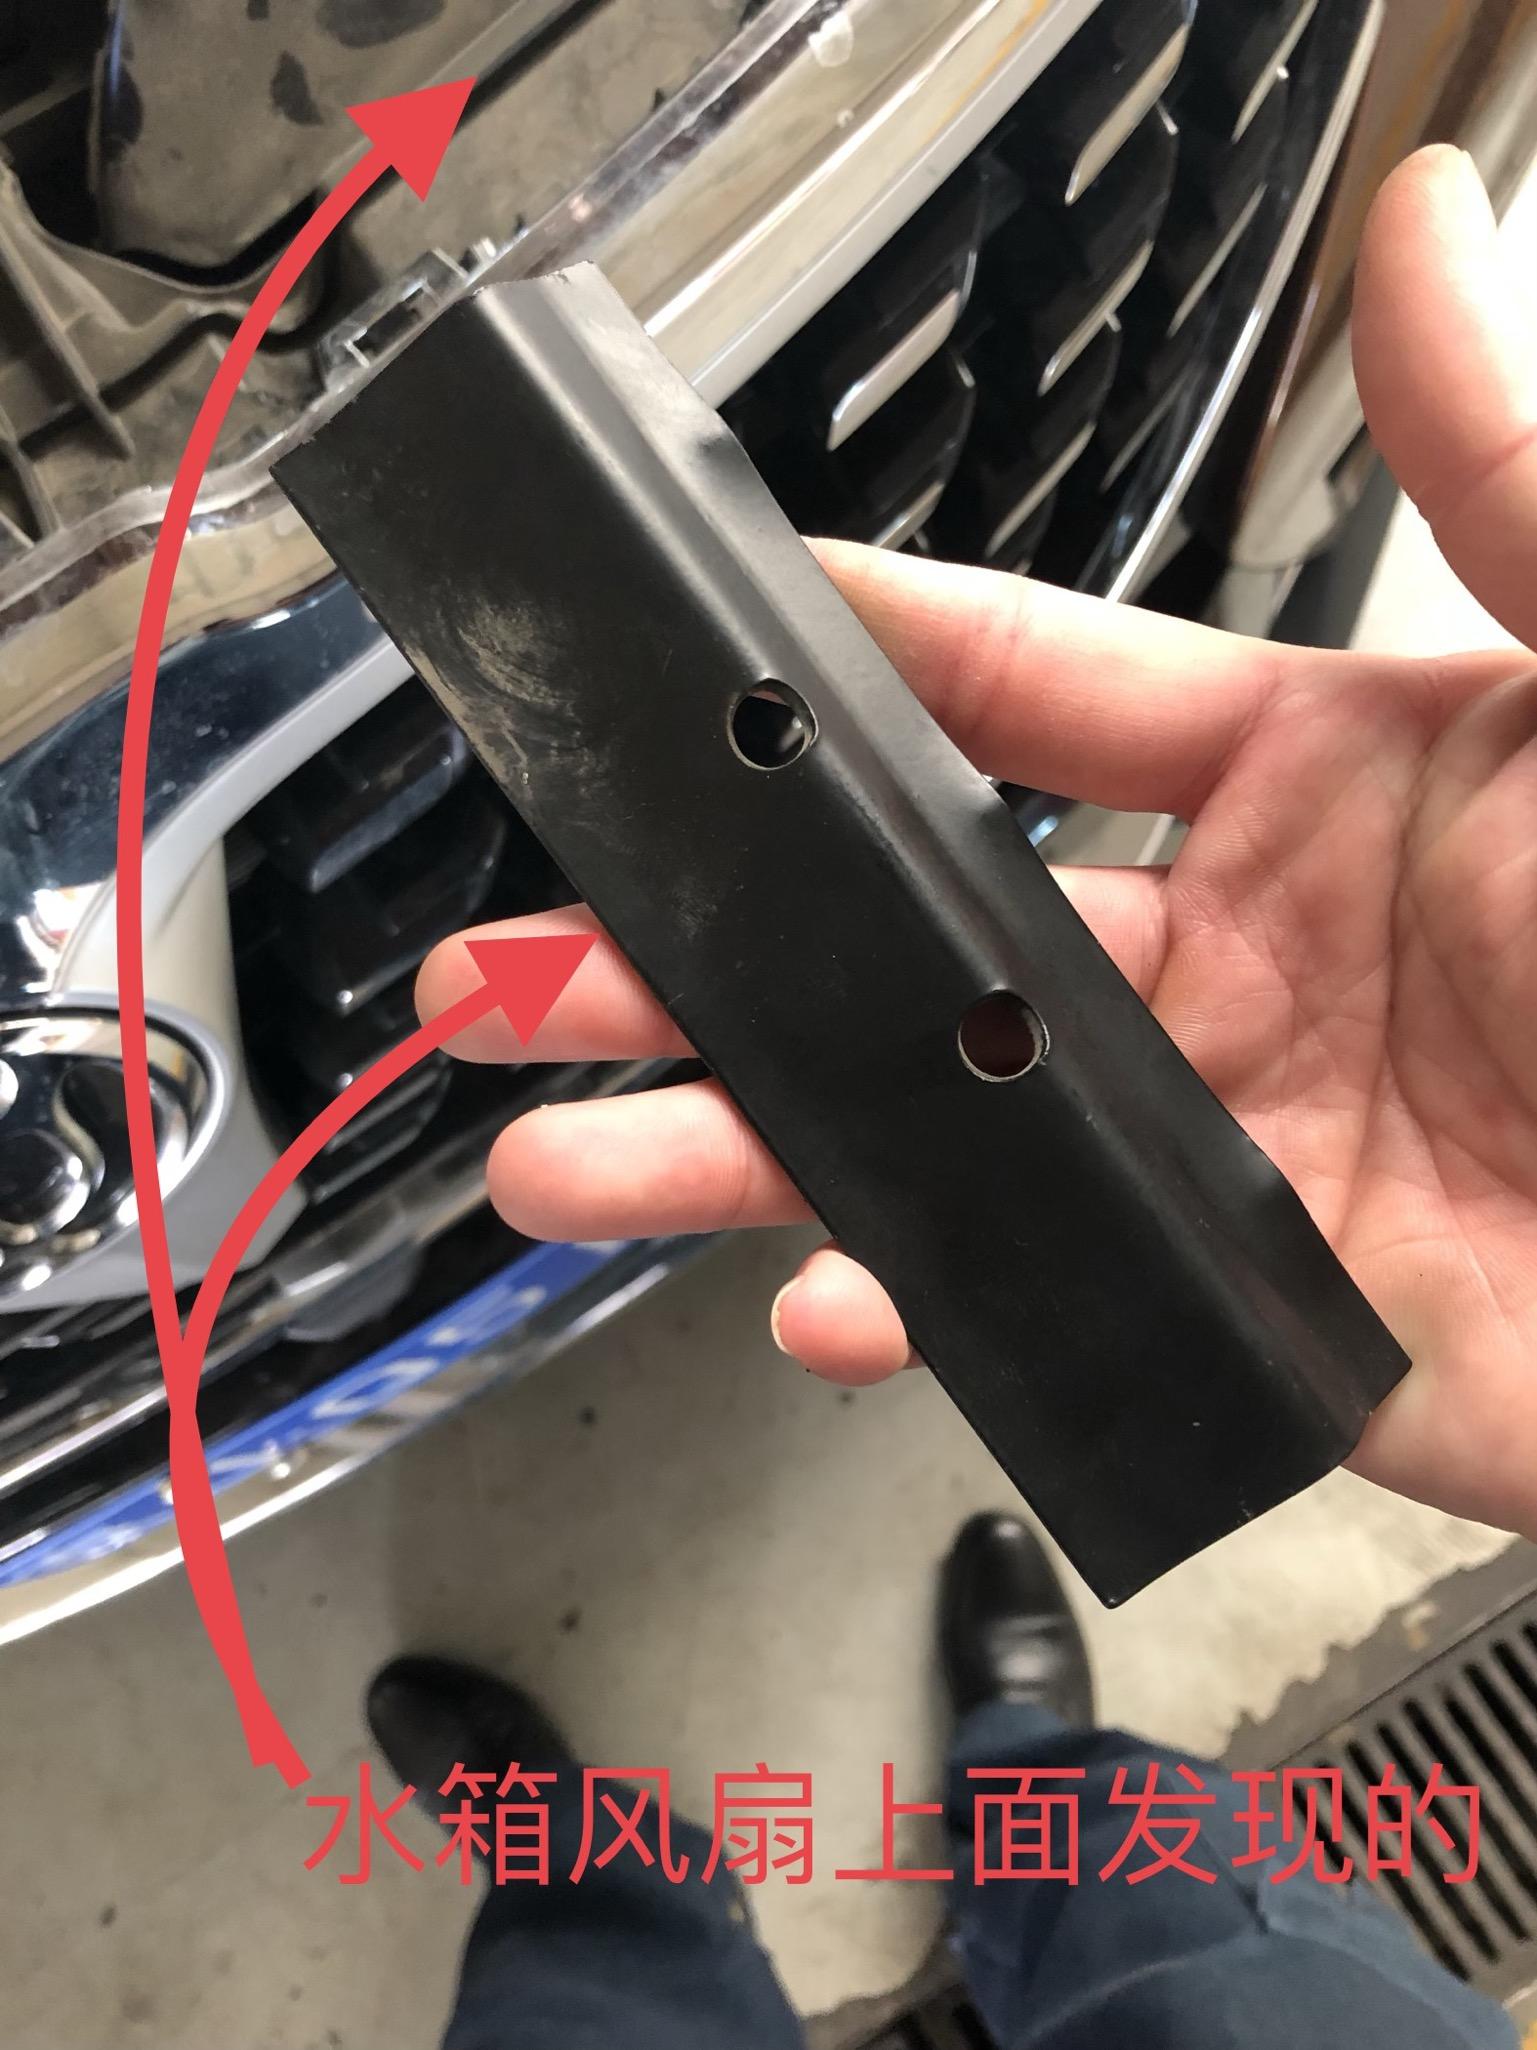 中华-中华V7 电瓶质量问题导致全车断电,厂家欺诈消费者拒不赔偿